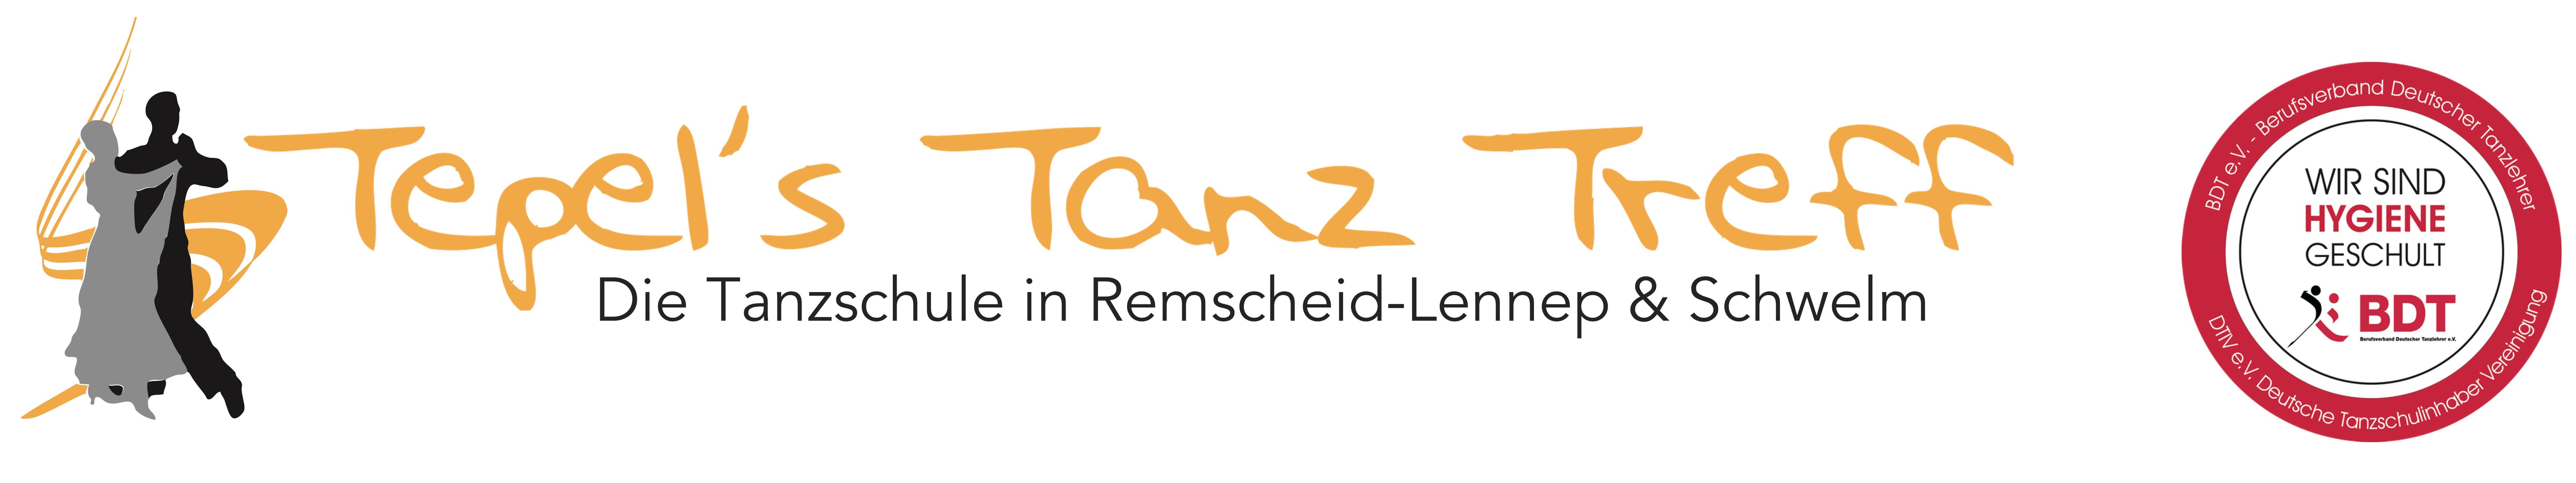 Tepel's Tanz Treff